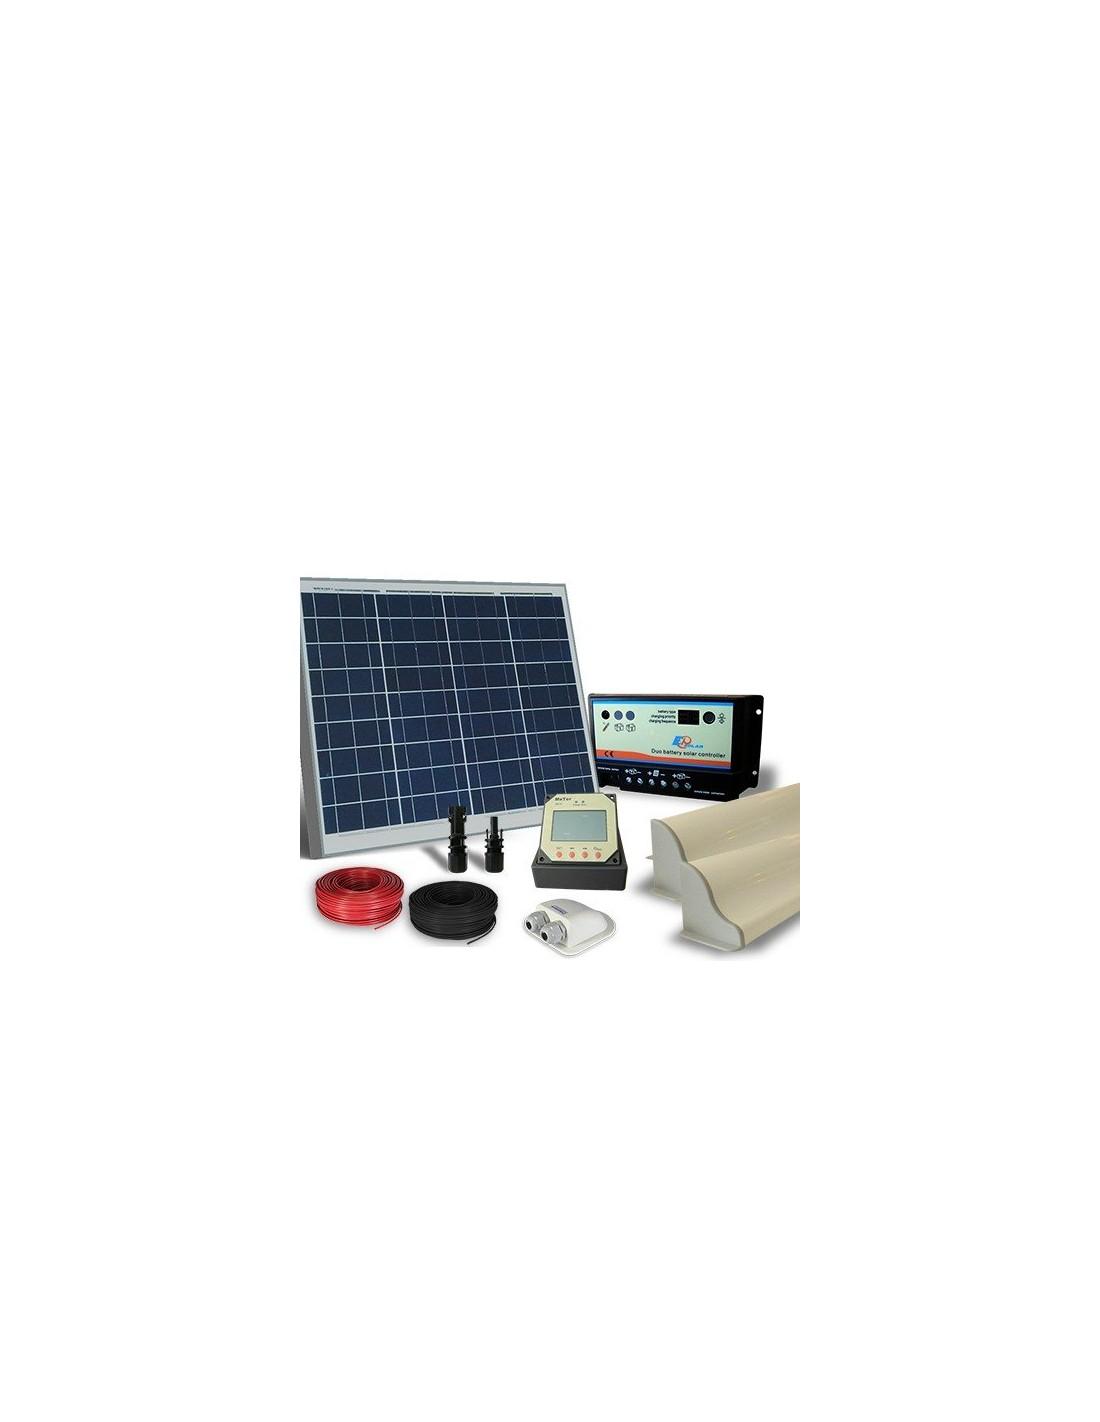 solar kit camper 50w 12v pro photovoltaic panel. Black Bedroom Furniture Sets. Home Design Ideas